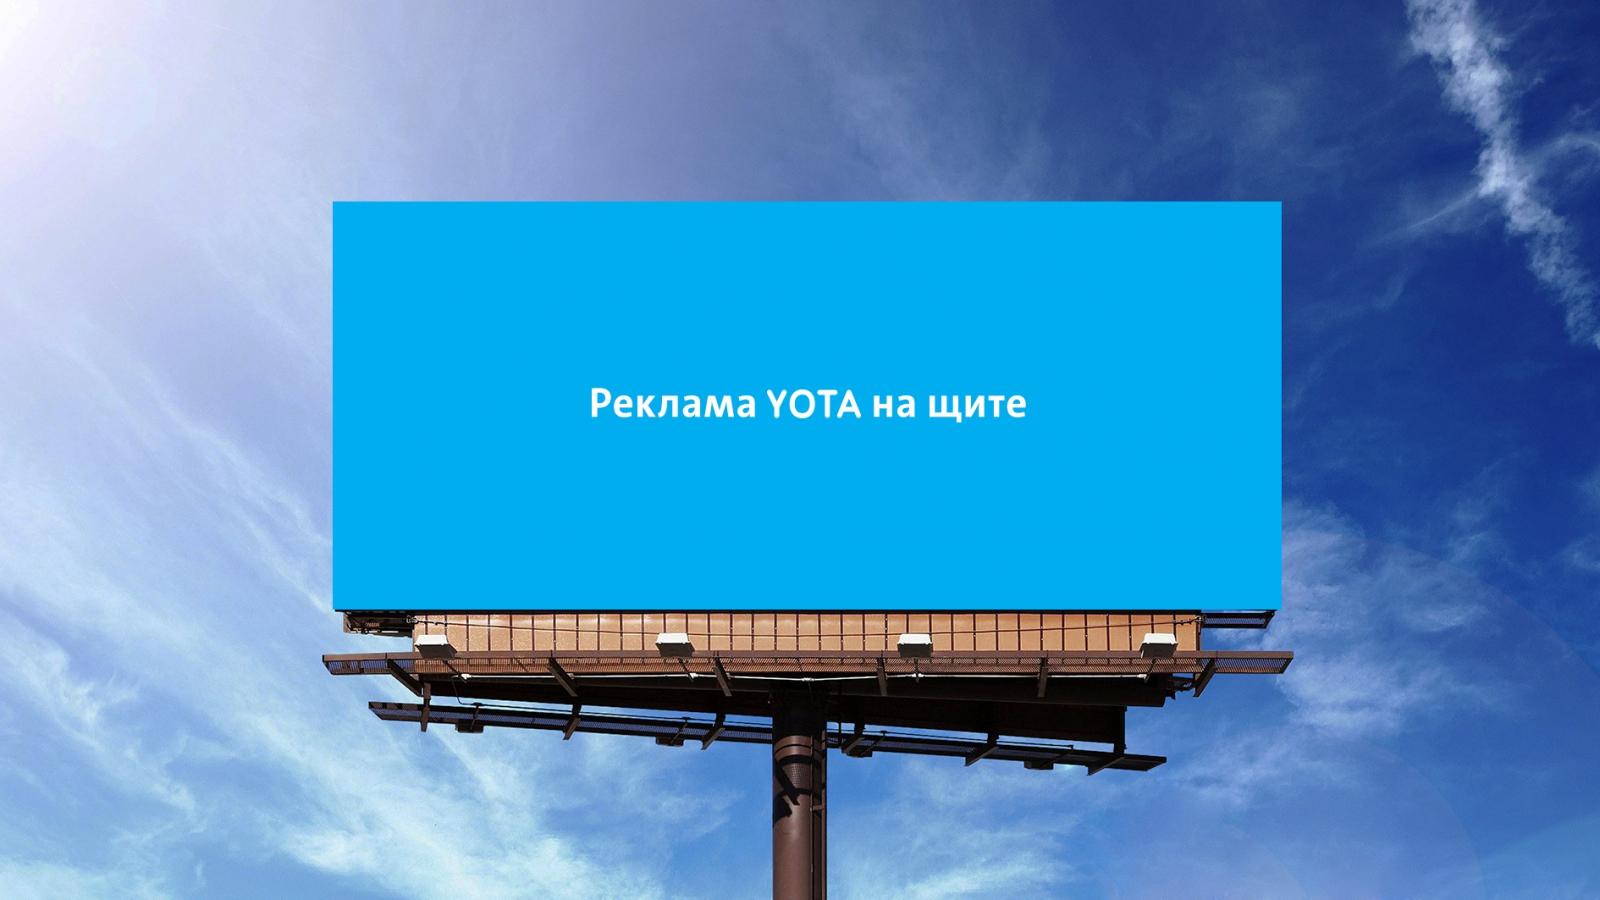 Конкретно, лаконично  YOTA запустила новую рекламную кампанию 4ec50adf8b7